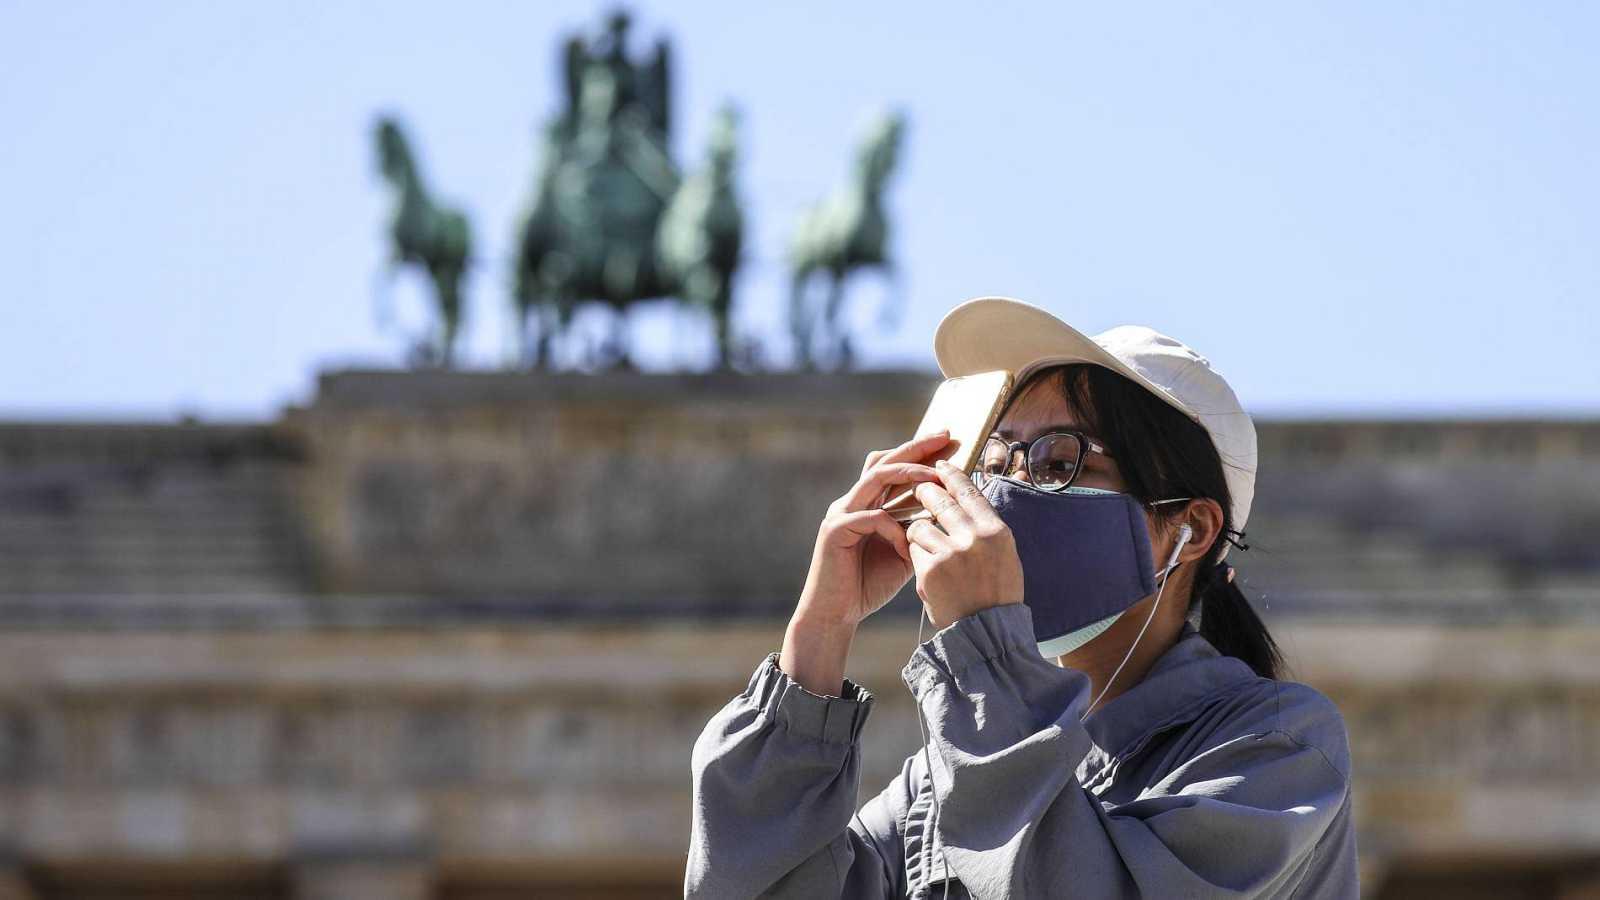 Una turista con mascarilla junto a la puerta de Brandenburgo en Berlín, Alemania